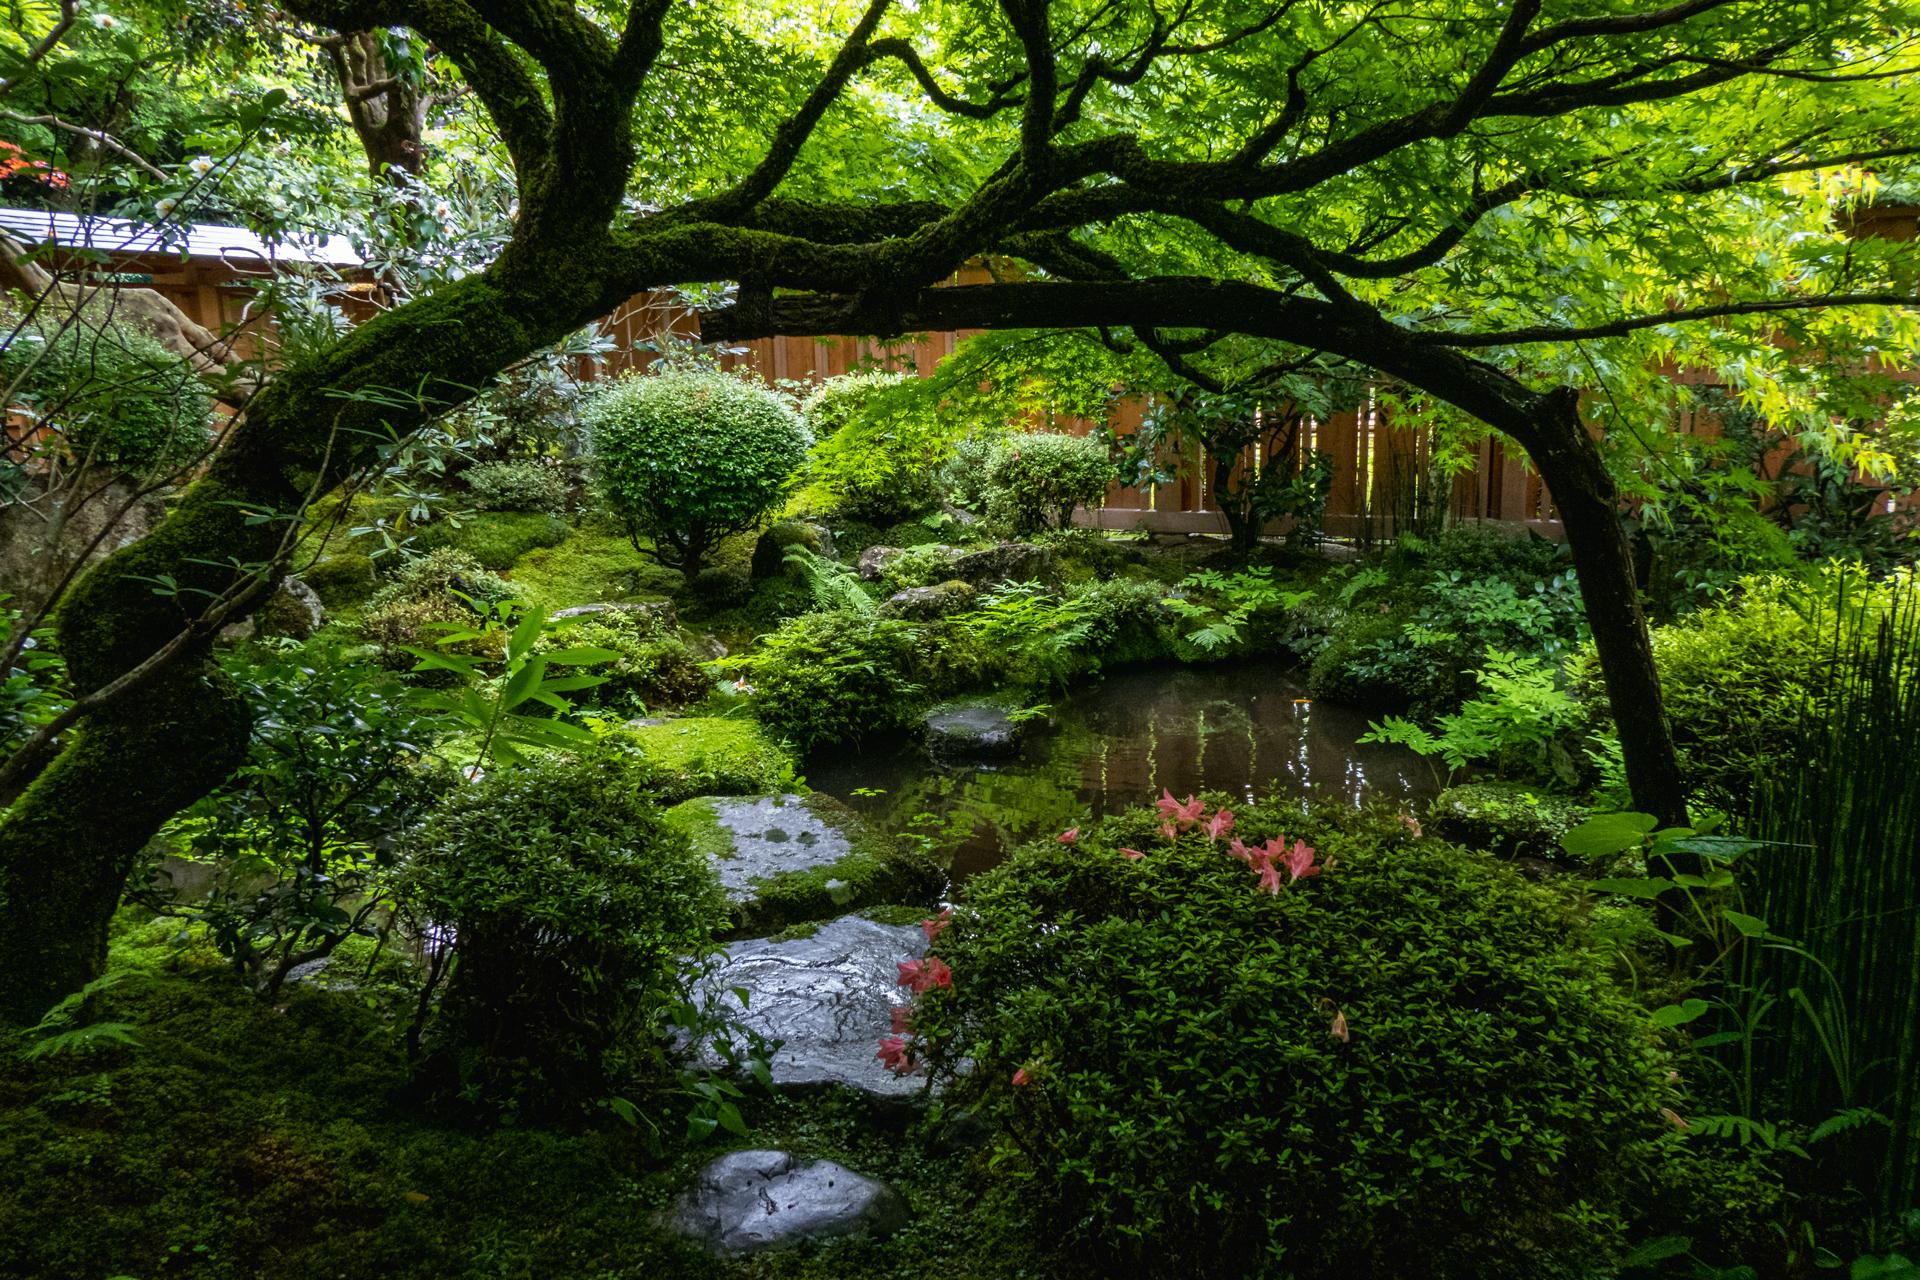 P1001623 京都府 宝泉院(額縁庭園と新緑の景色が美しい夏におすすめスポット!写真の紹介、アクセス情報など)